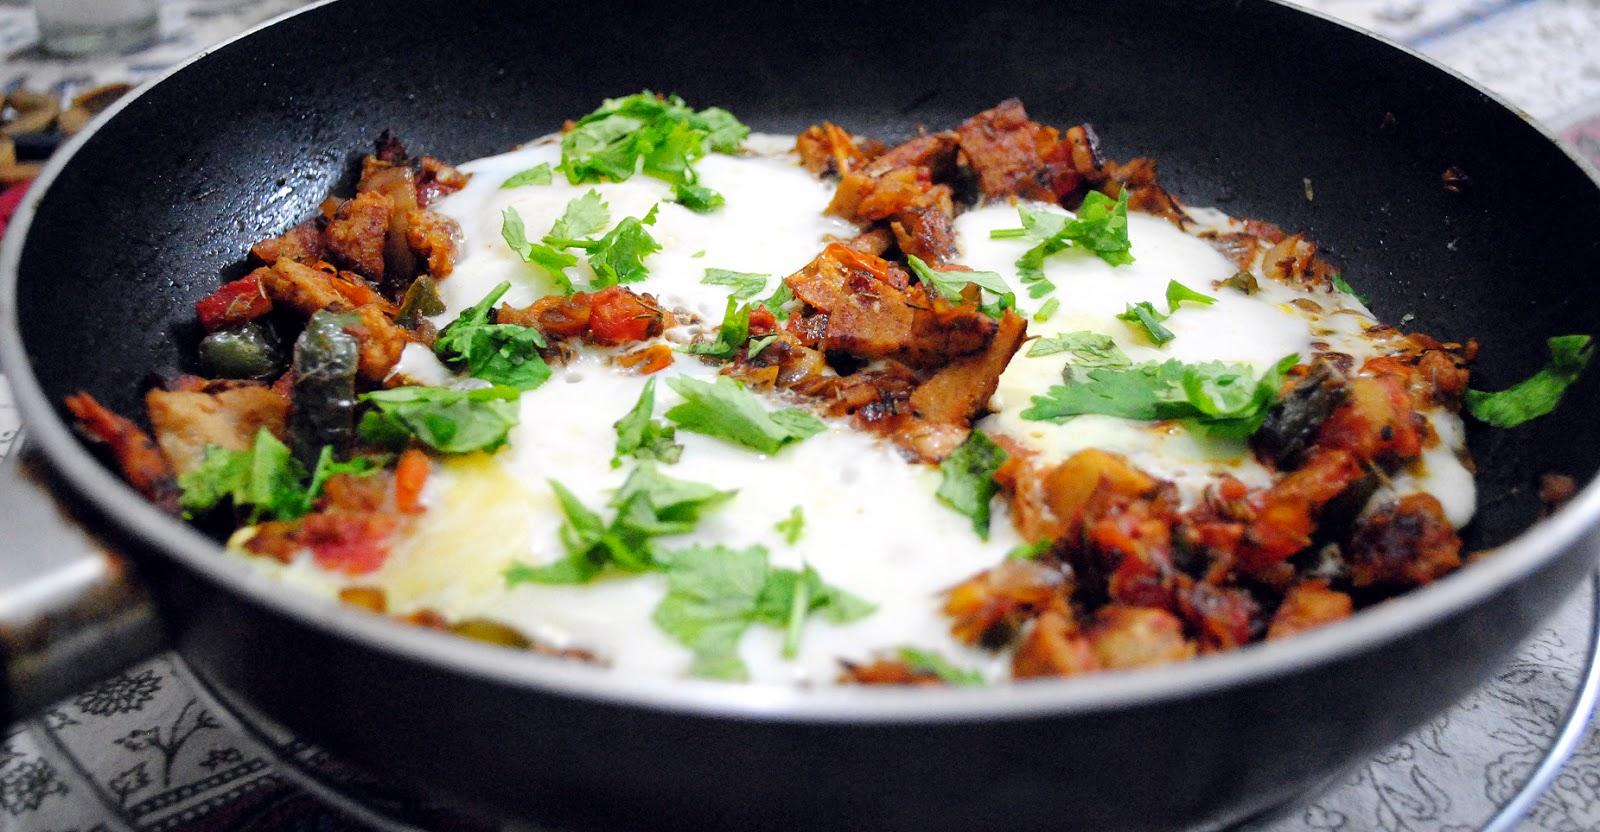 Shakshuka - African eggs